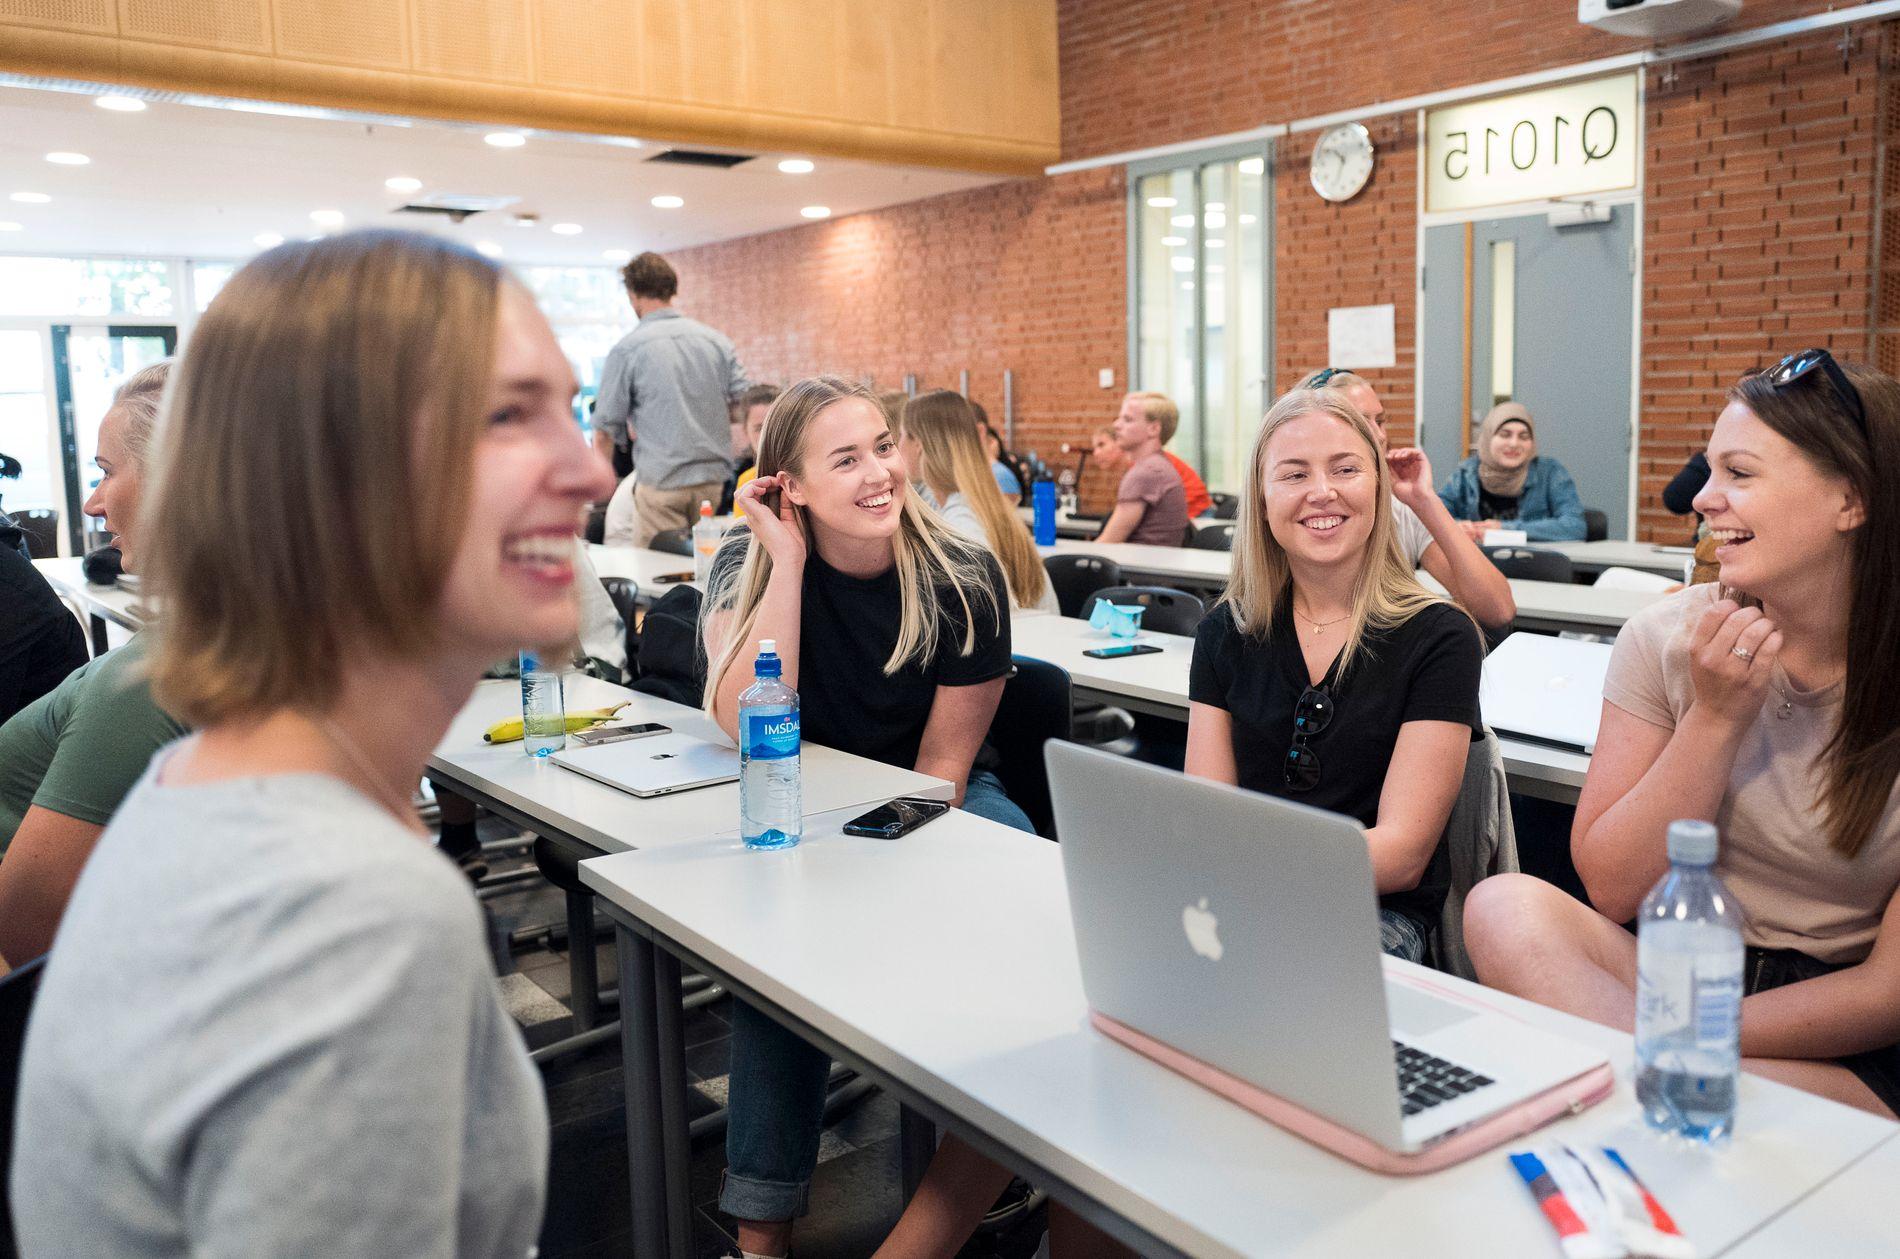 ÅPNING. Utdanningsminister Iselin Nybø (V) snakker med studentene Helene Olsen Fagerli (19), Stine Brenna (20) og Tina Marie Halvorsen (22) under åpningen av forkurset i matematikk.